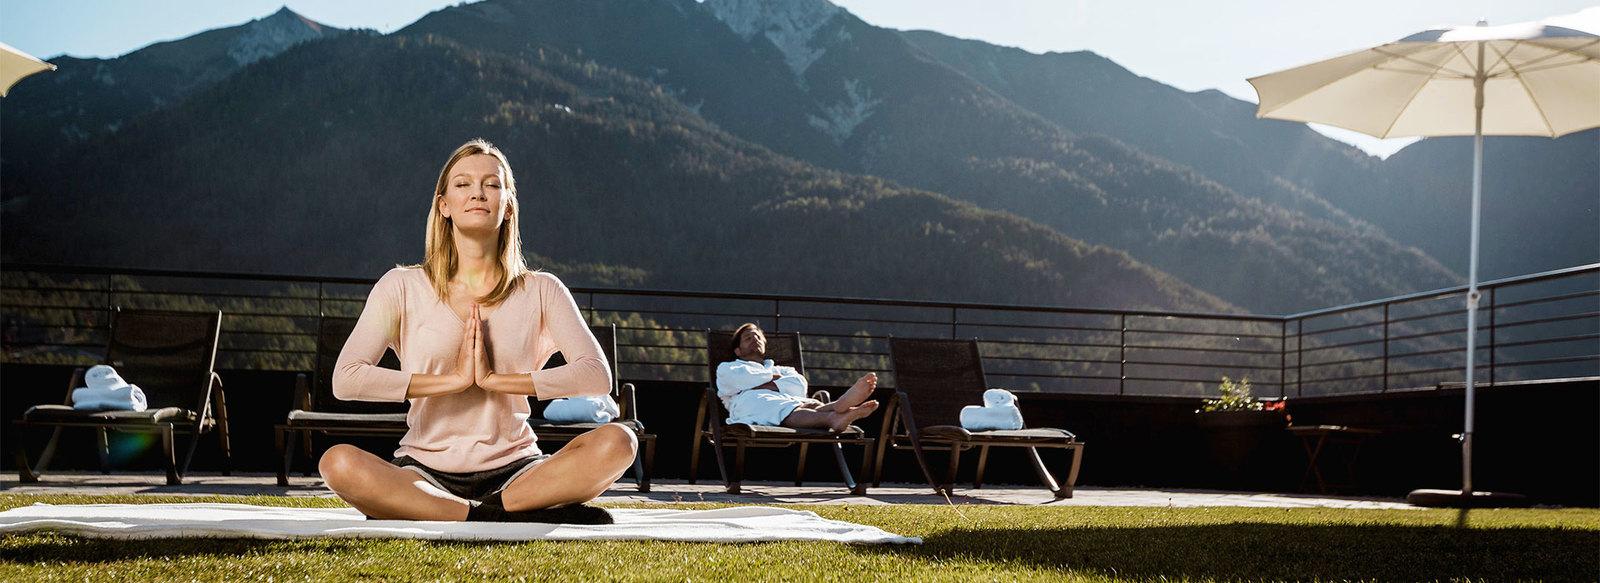 Wellness & Sport tra la natura